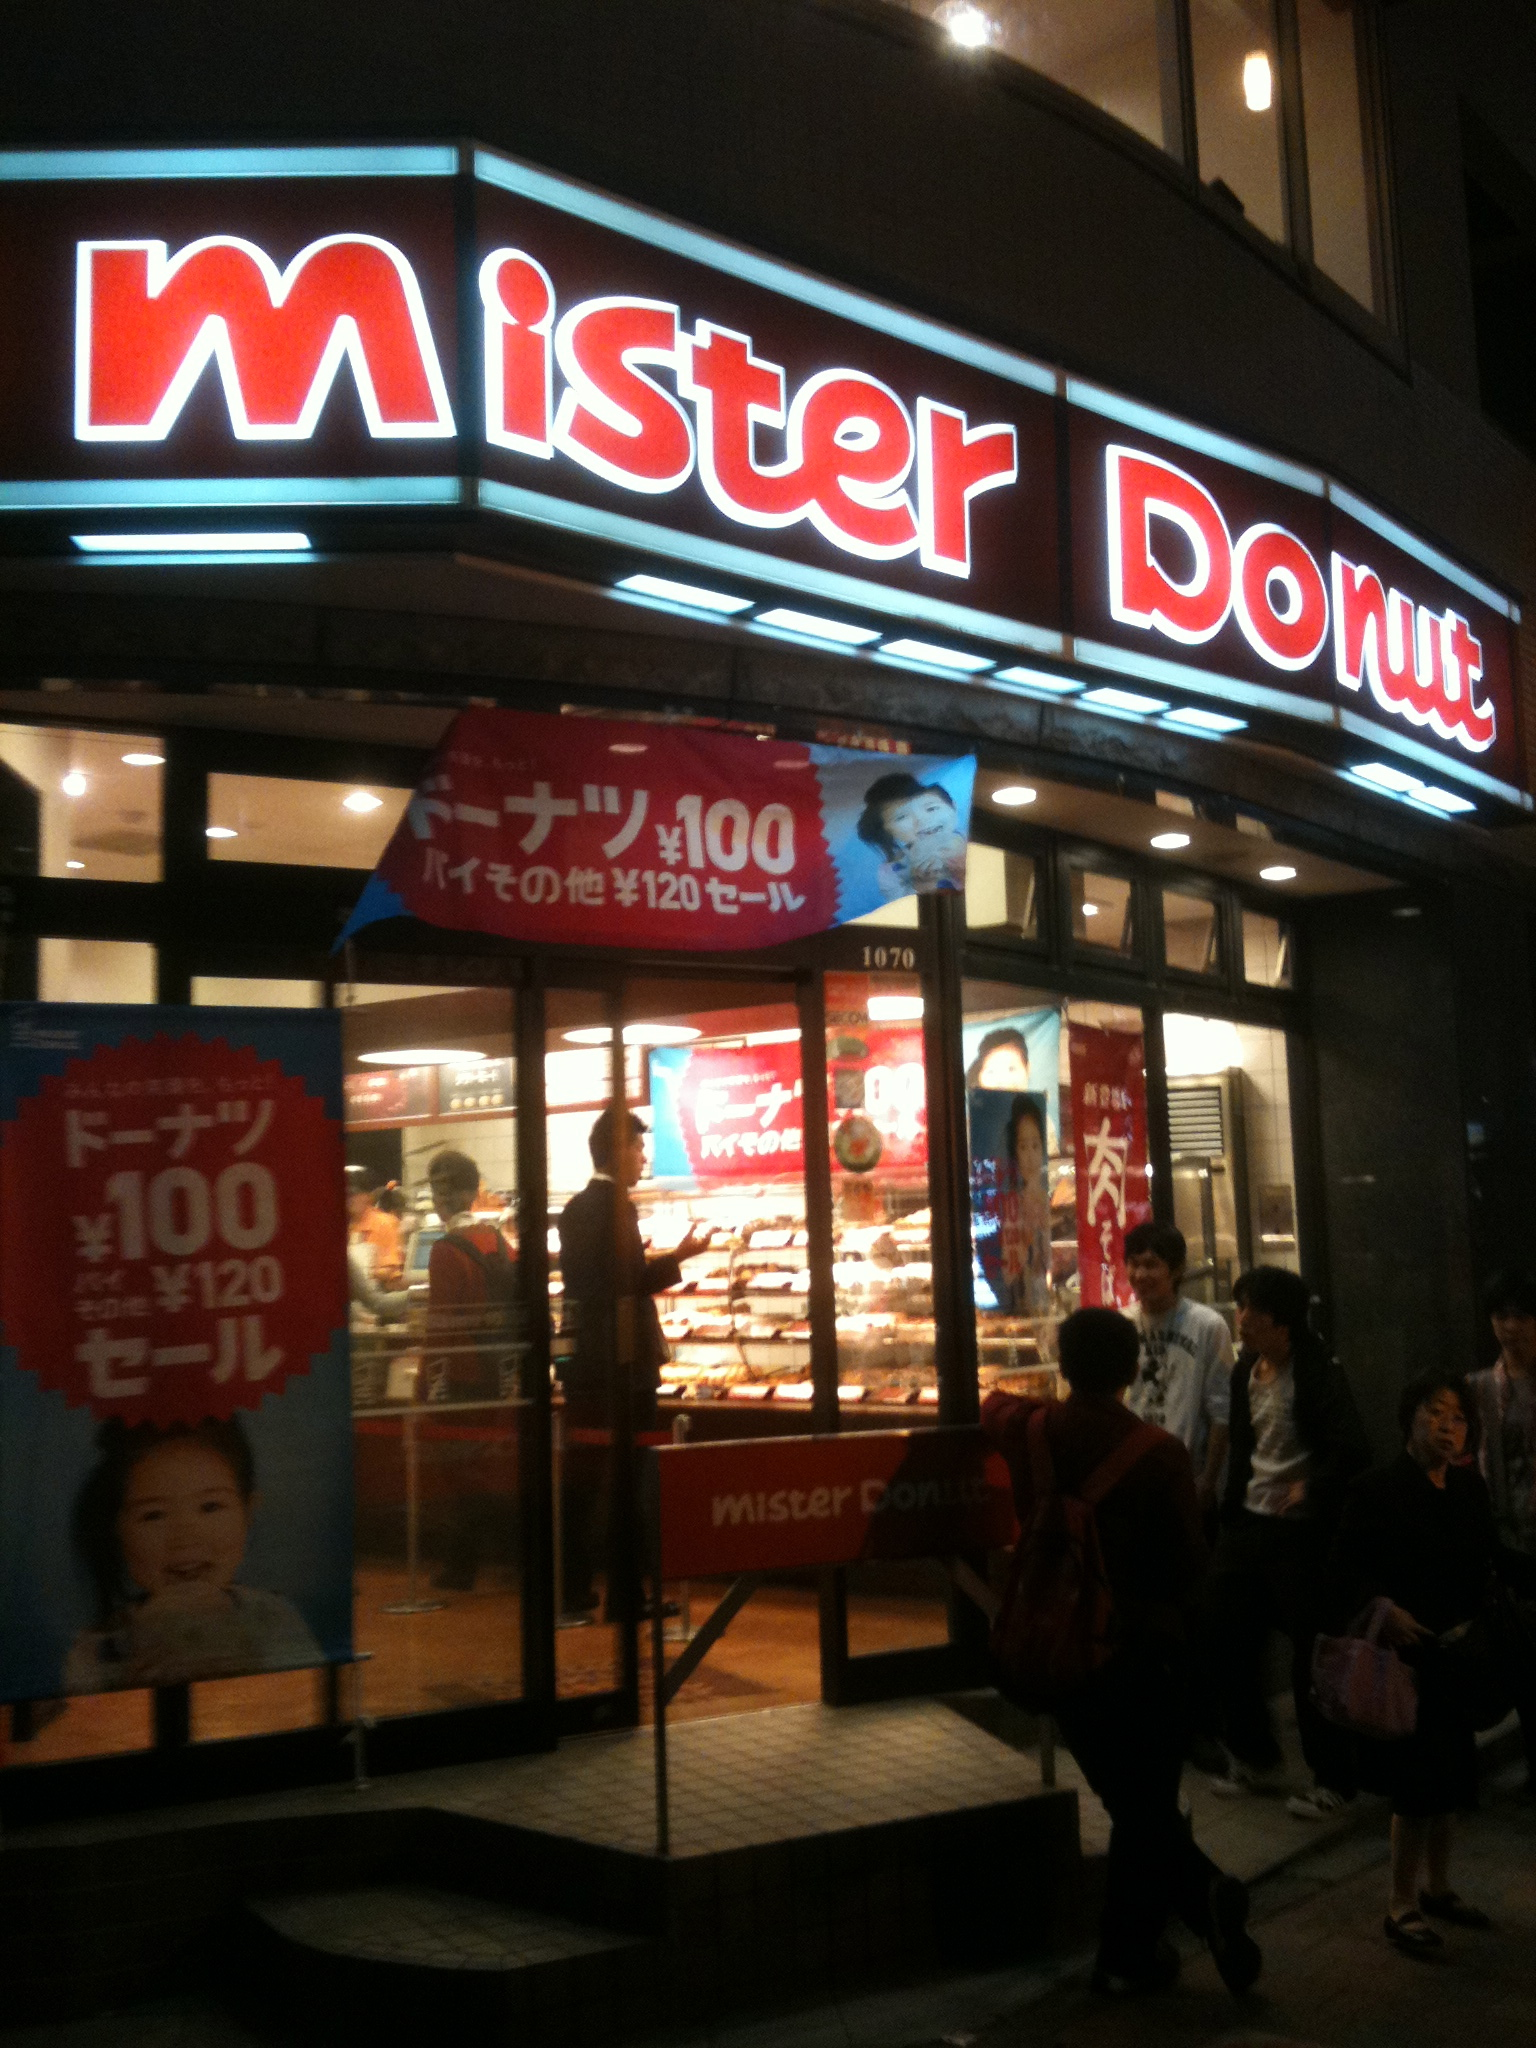 Oferta Mister Donuts